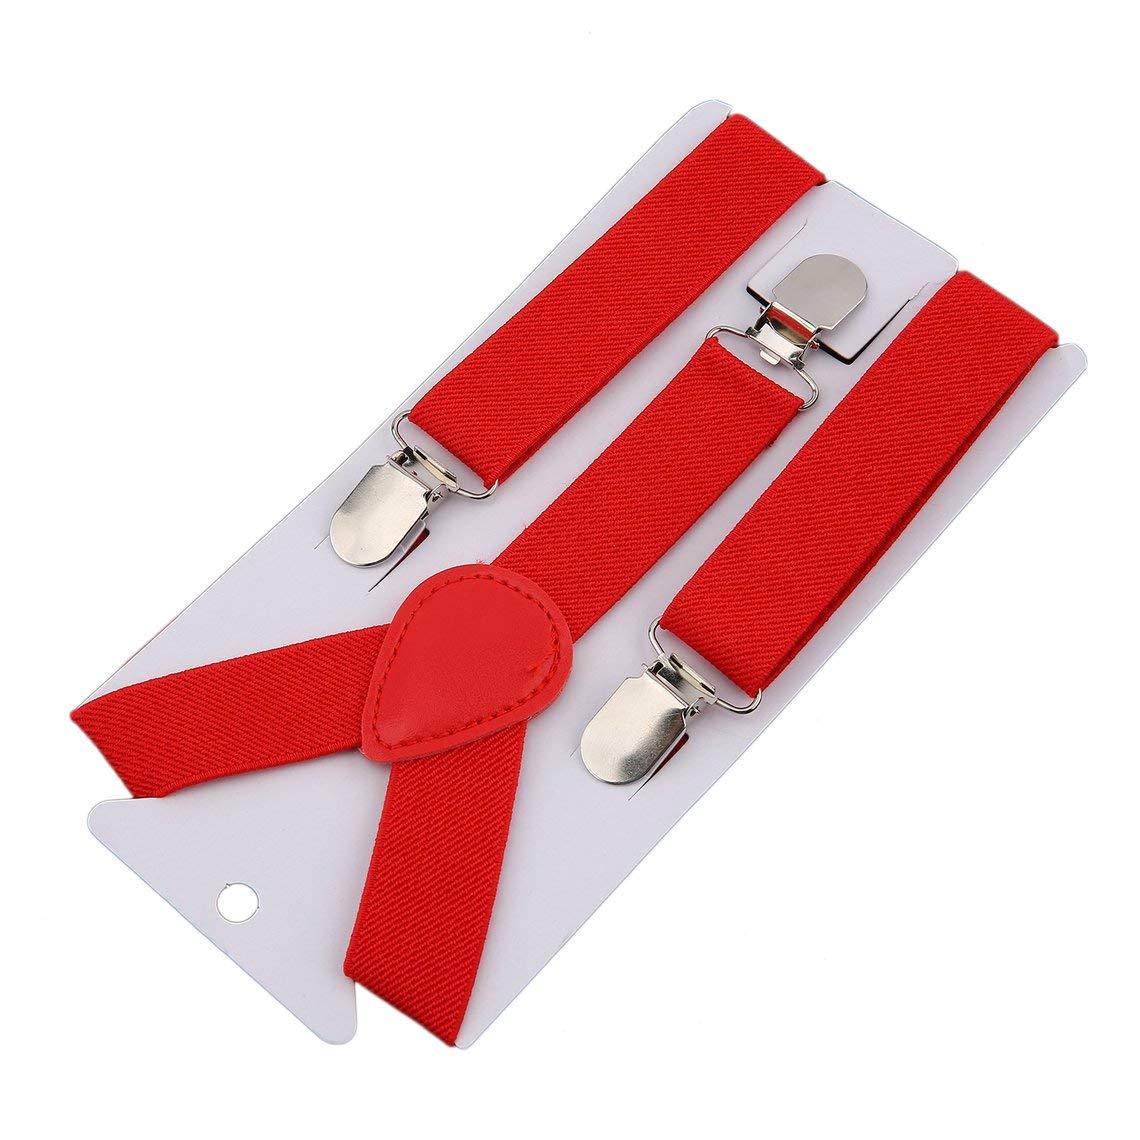 Zinniaya Ajustable y el/ástico con Clips de Metal Tirantes de poli/éster para ni/ños de dise/ño y corbat/ín de mo/ño Conjunto de Corbatas a Juego Trajes